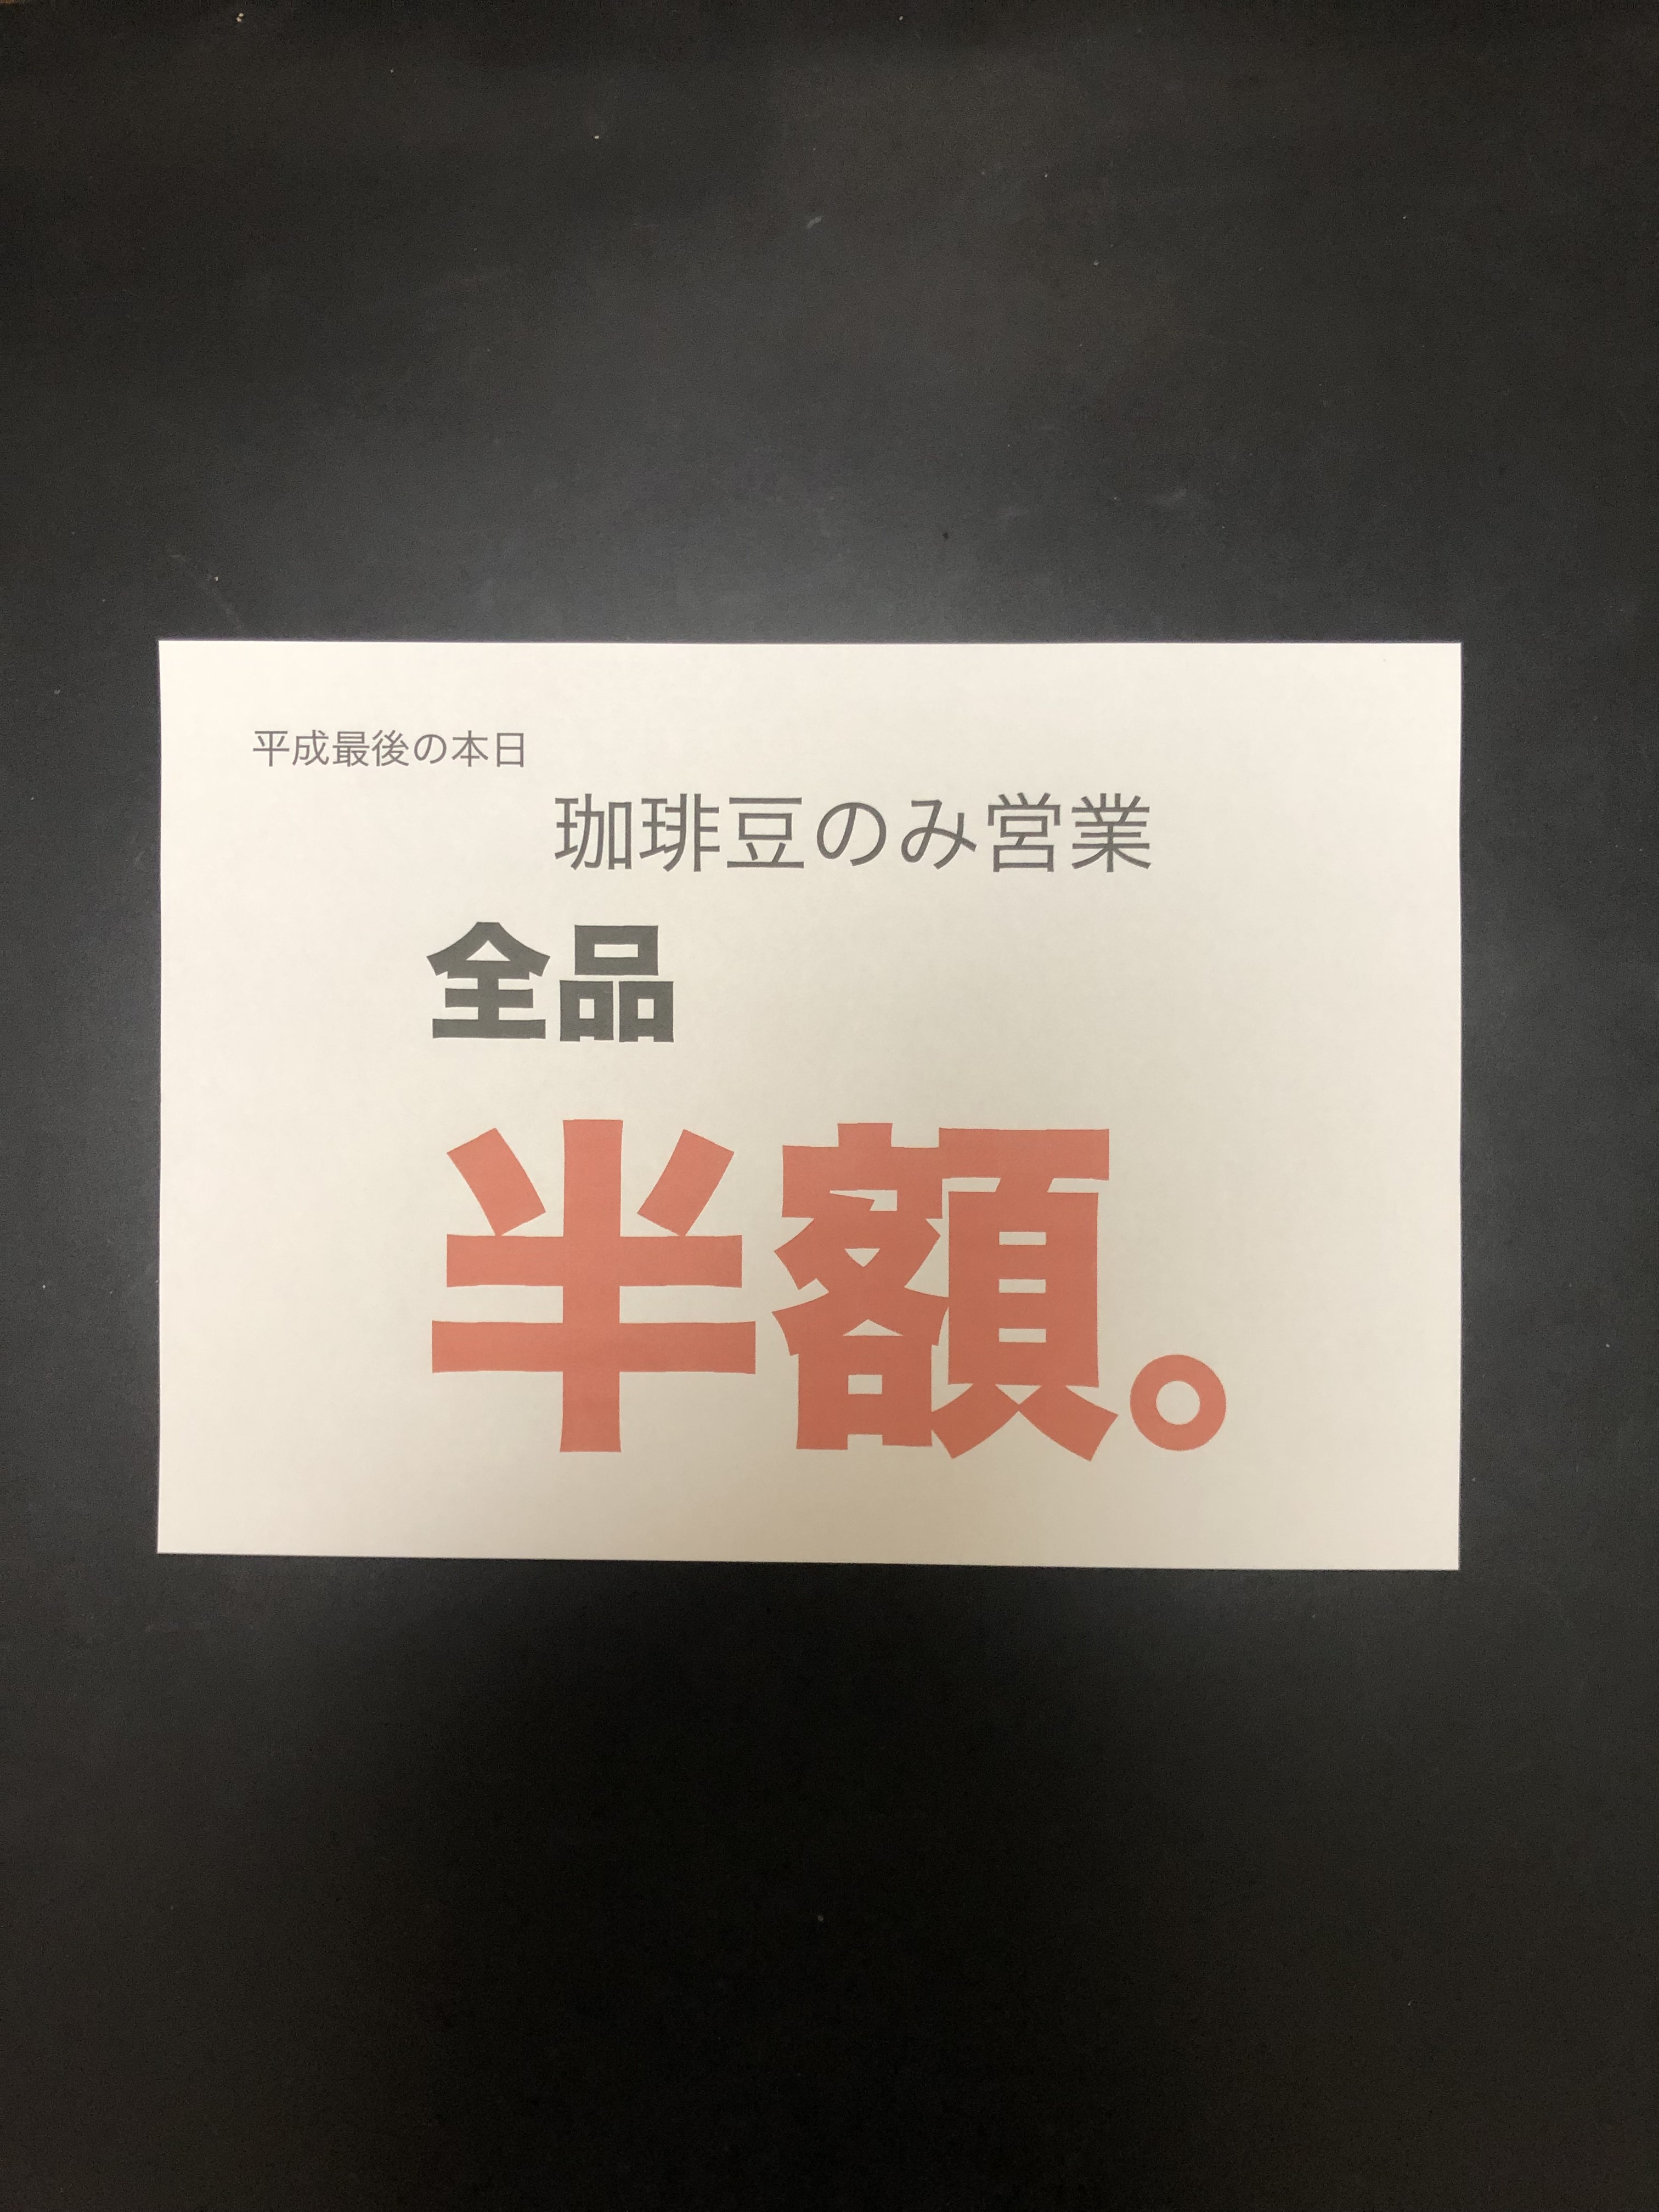 GWは坂戸が熱い⁉️4月30日(火)は定休日ですが、あさ10時からシークレットセール開催いたします!!